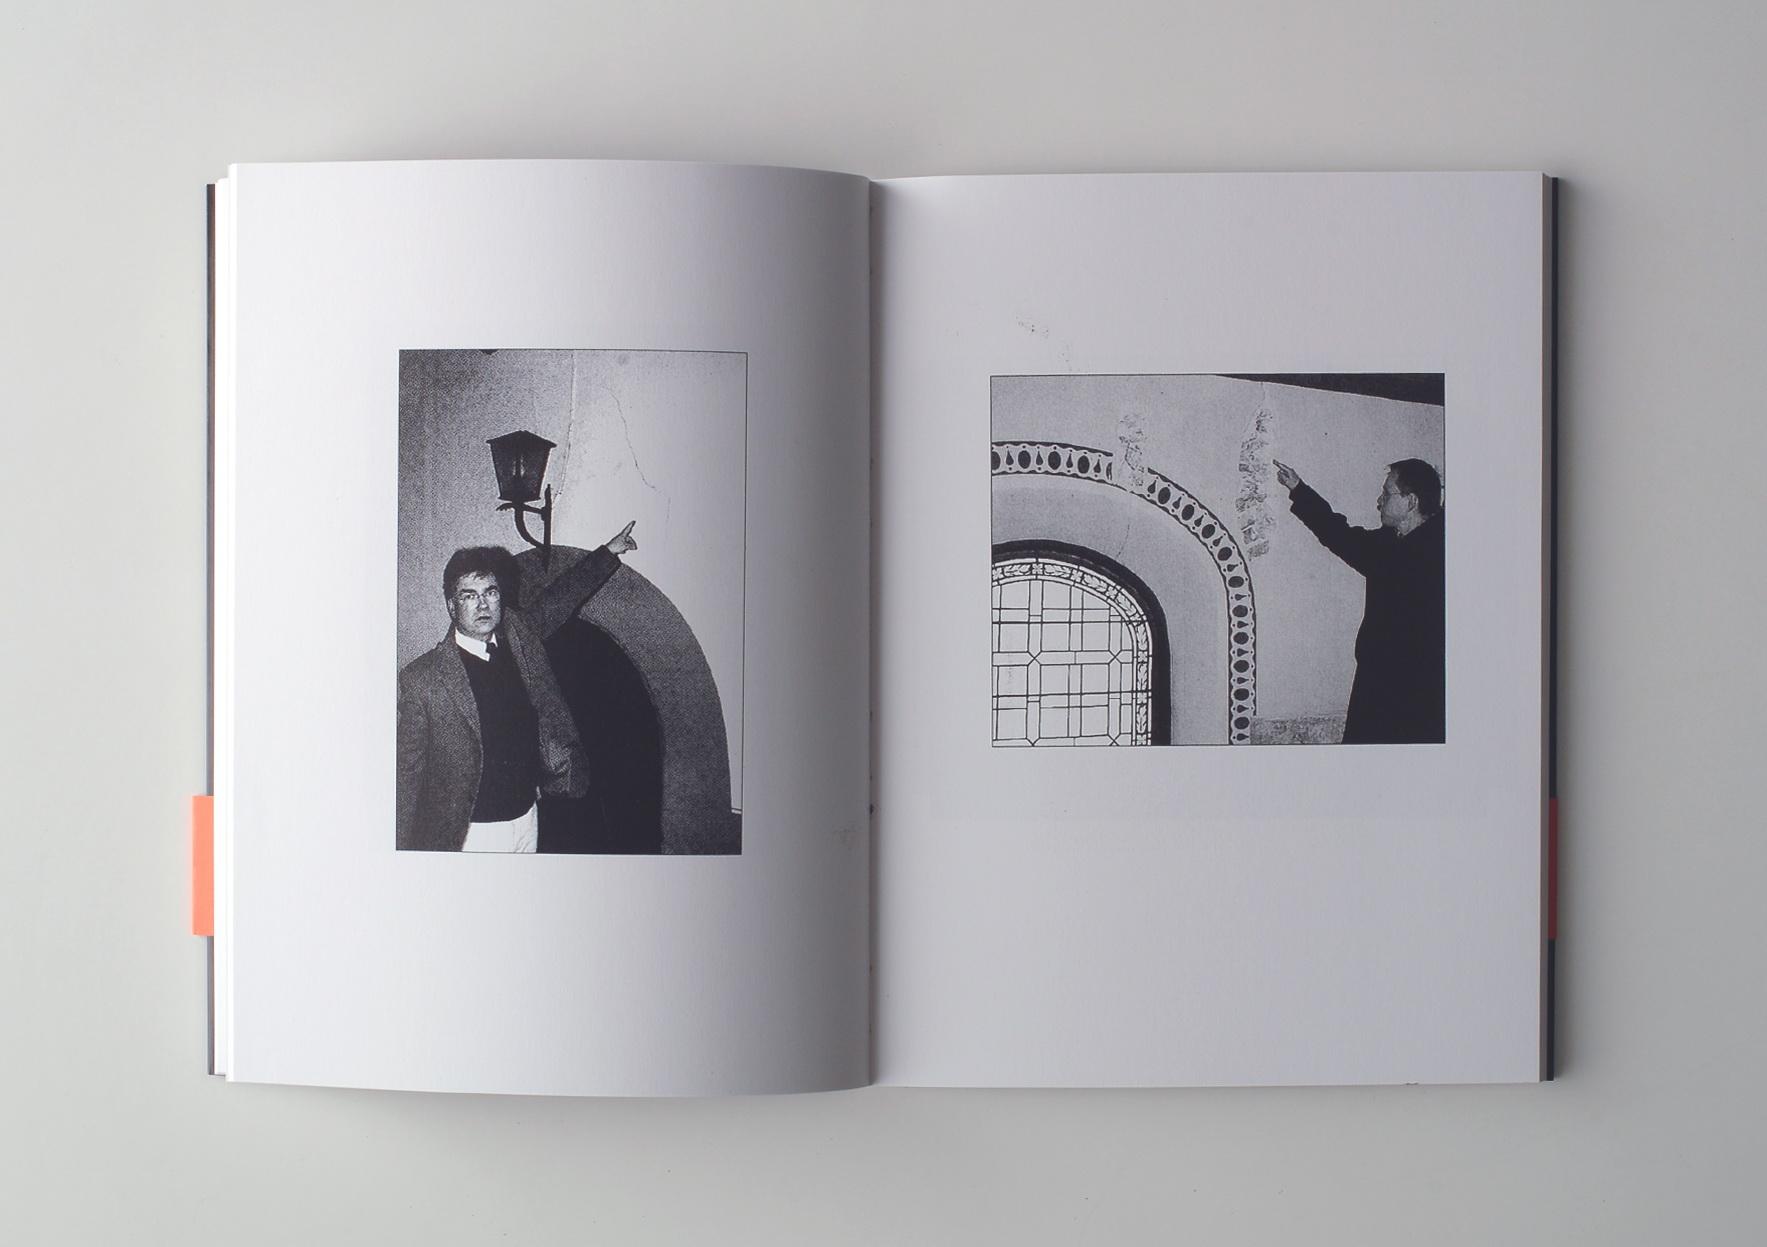 | Archiv Peter Piller Bd. 10: Bedeutungsflächen | ProjecteSD